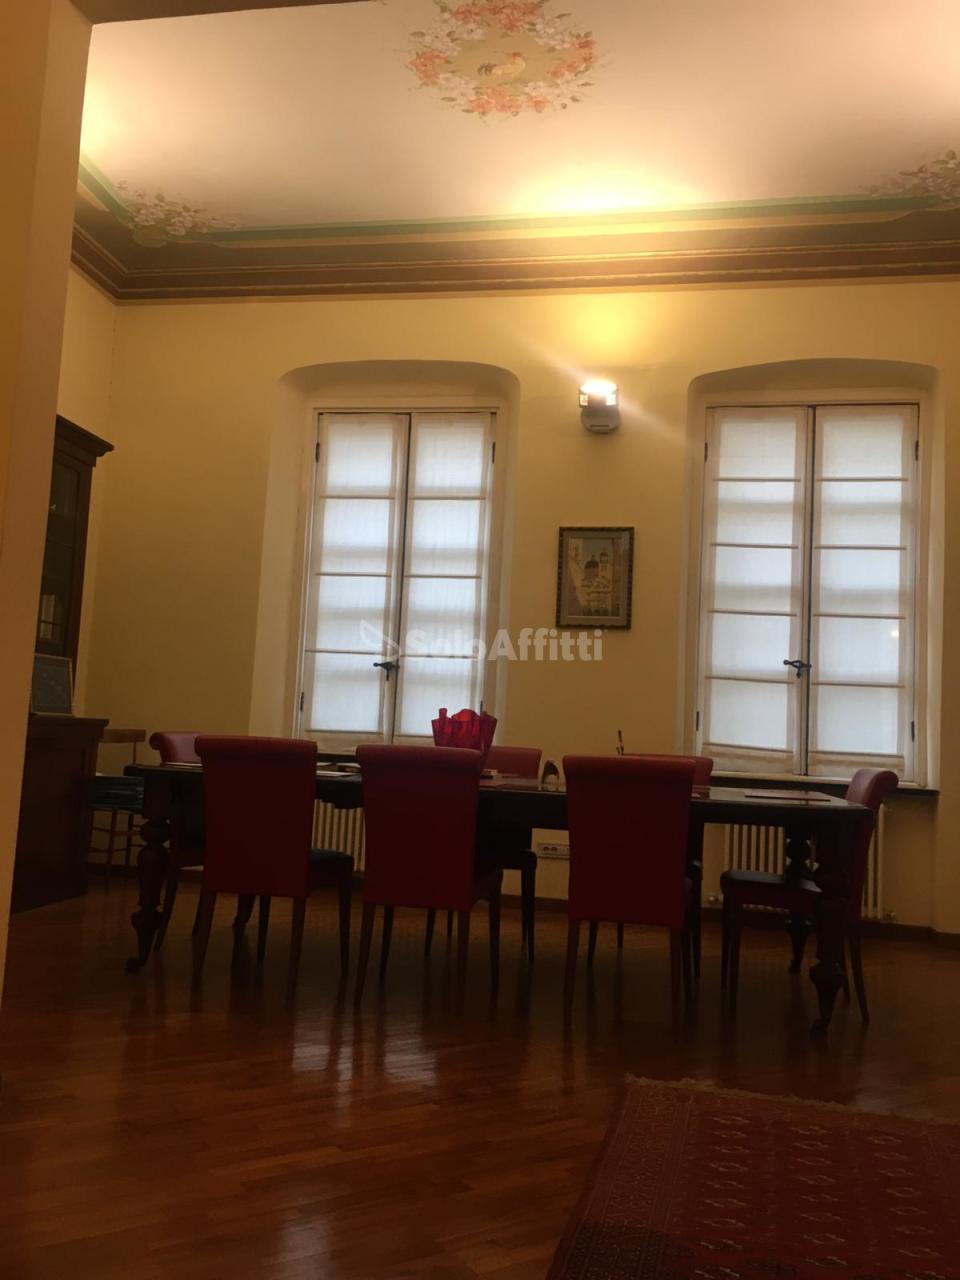 Ufficio / Studio in affitto a Chiavari, 4 locali, prezzo € 600 | PortaleAgenzieImmobiliari.it